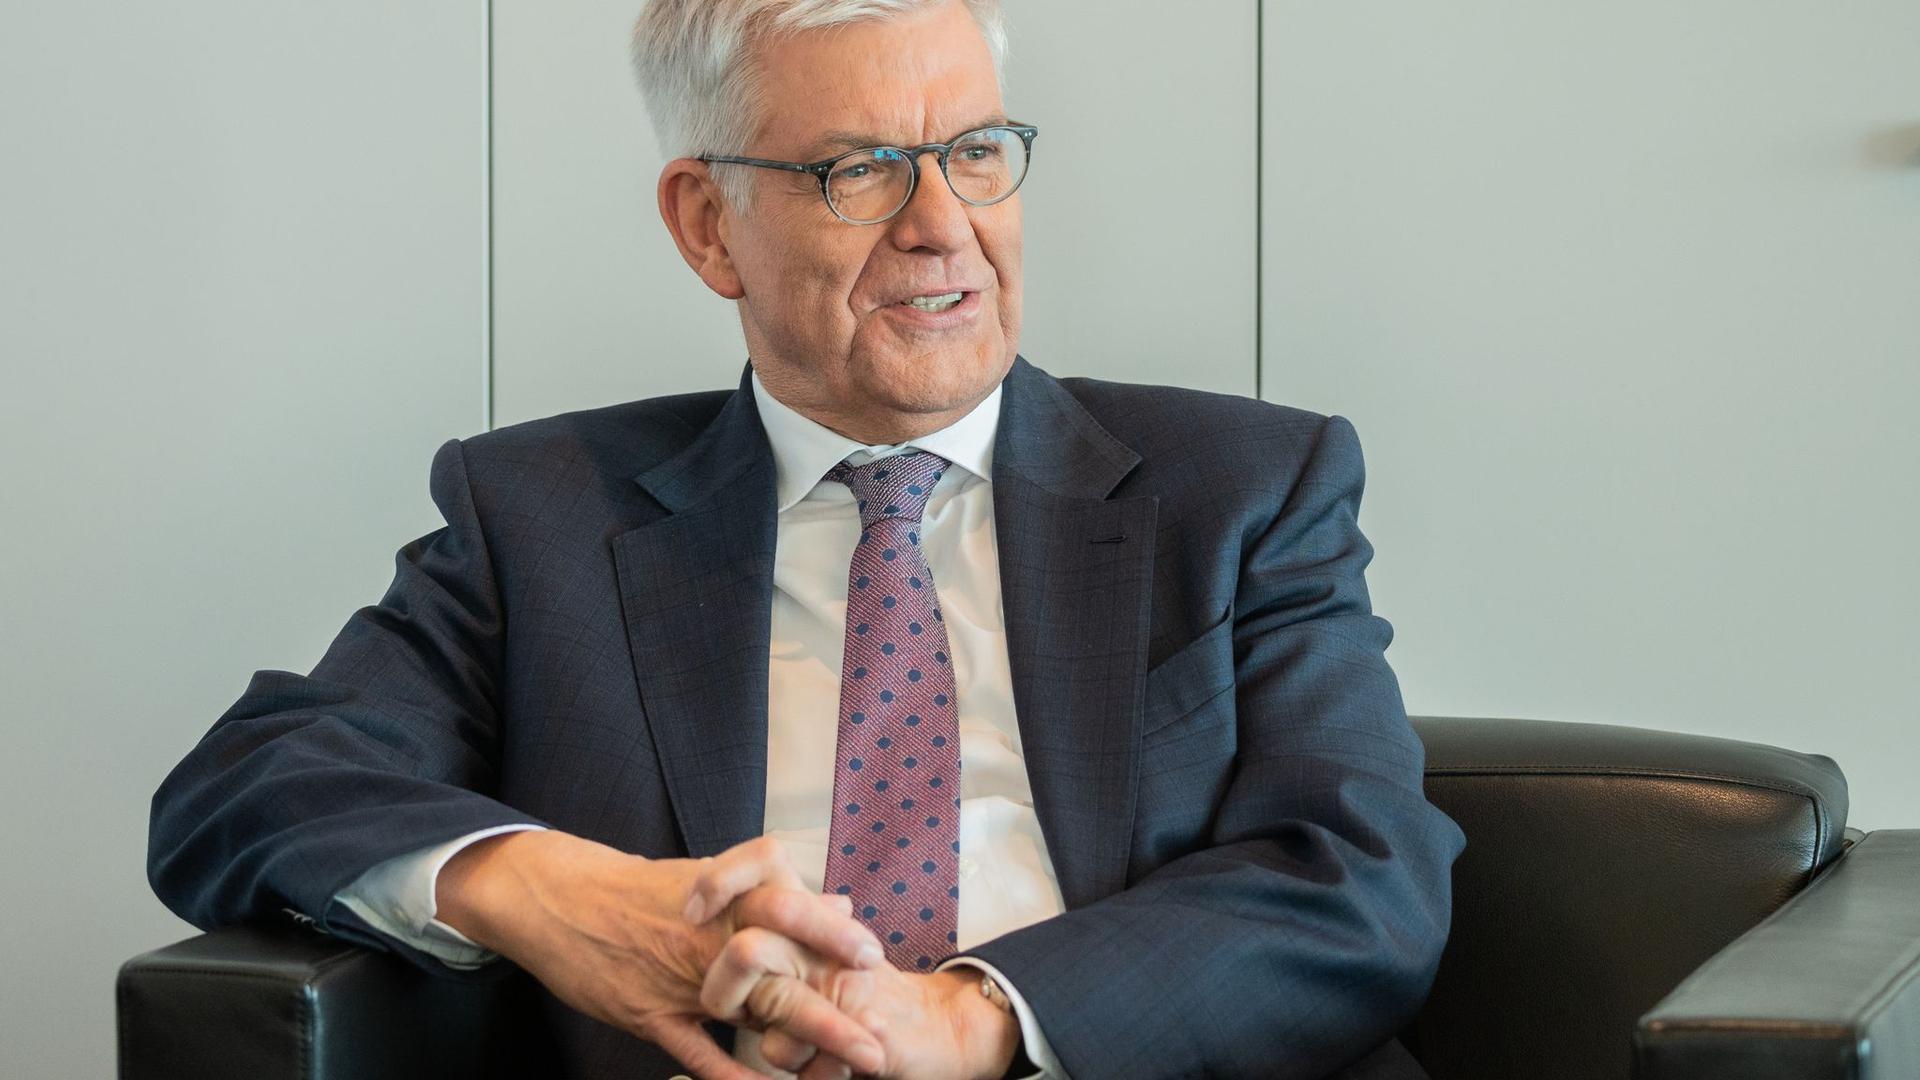 Thomas Bellut hält nichts von einer Vereinigung von öffentlich-rechtlichen Rundfunkanstalten in Deutschland.